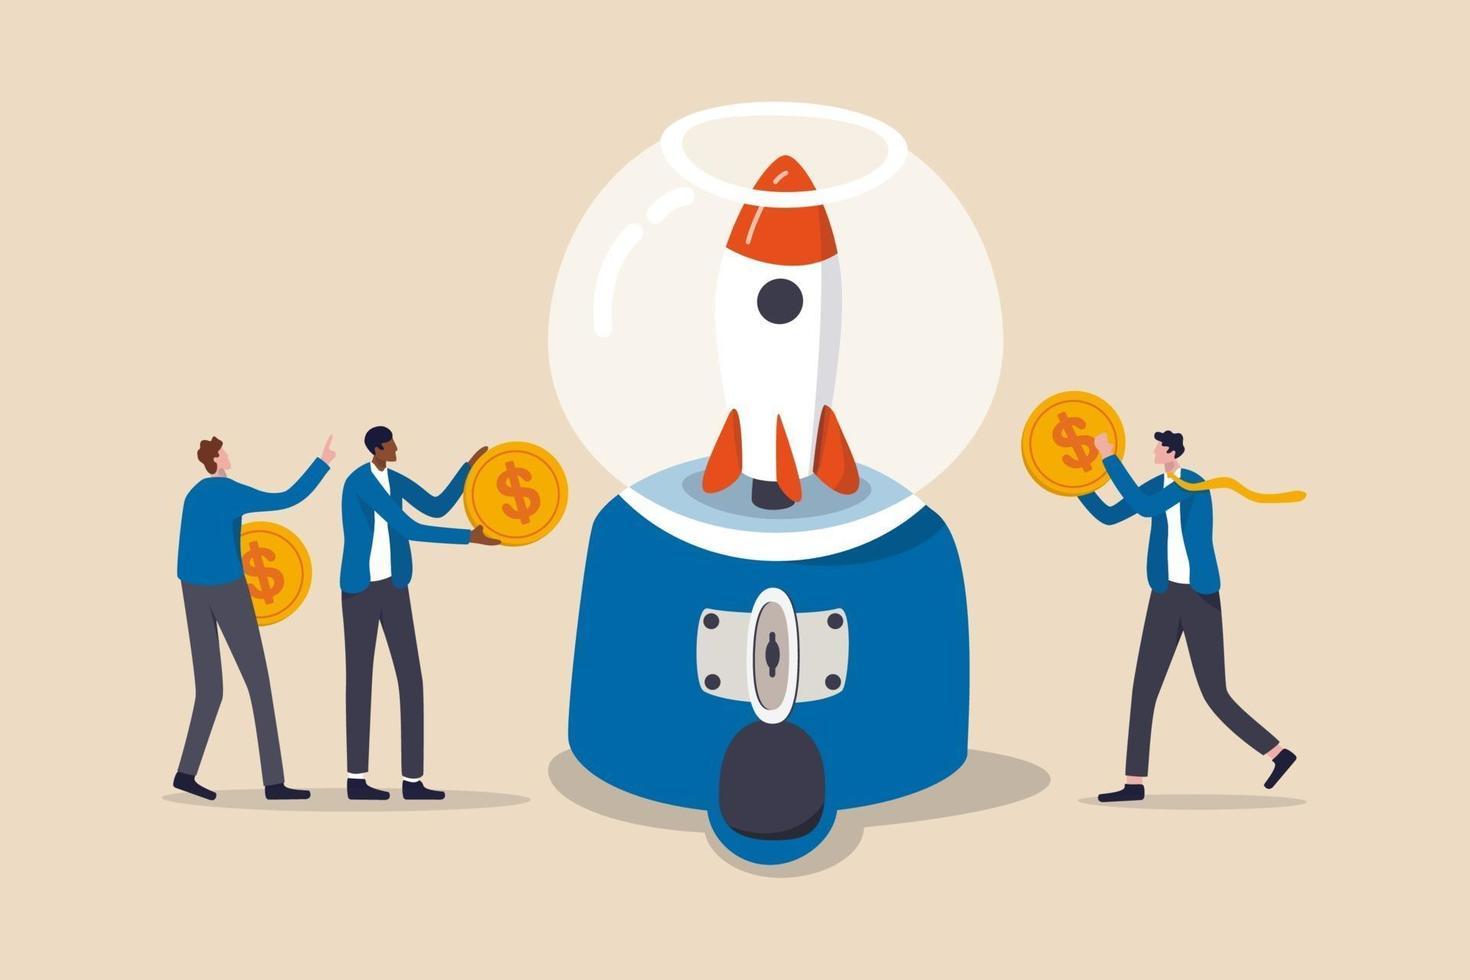 fundraising, samla in pengar för att starta projekt eller människor bidrar med budget och ekonomiskt stödkoncept, människor affärsmän som håller dollarpengmynt för att bidra i gumballmaskin för att starta raket. vektor